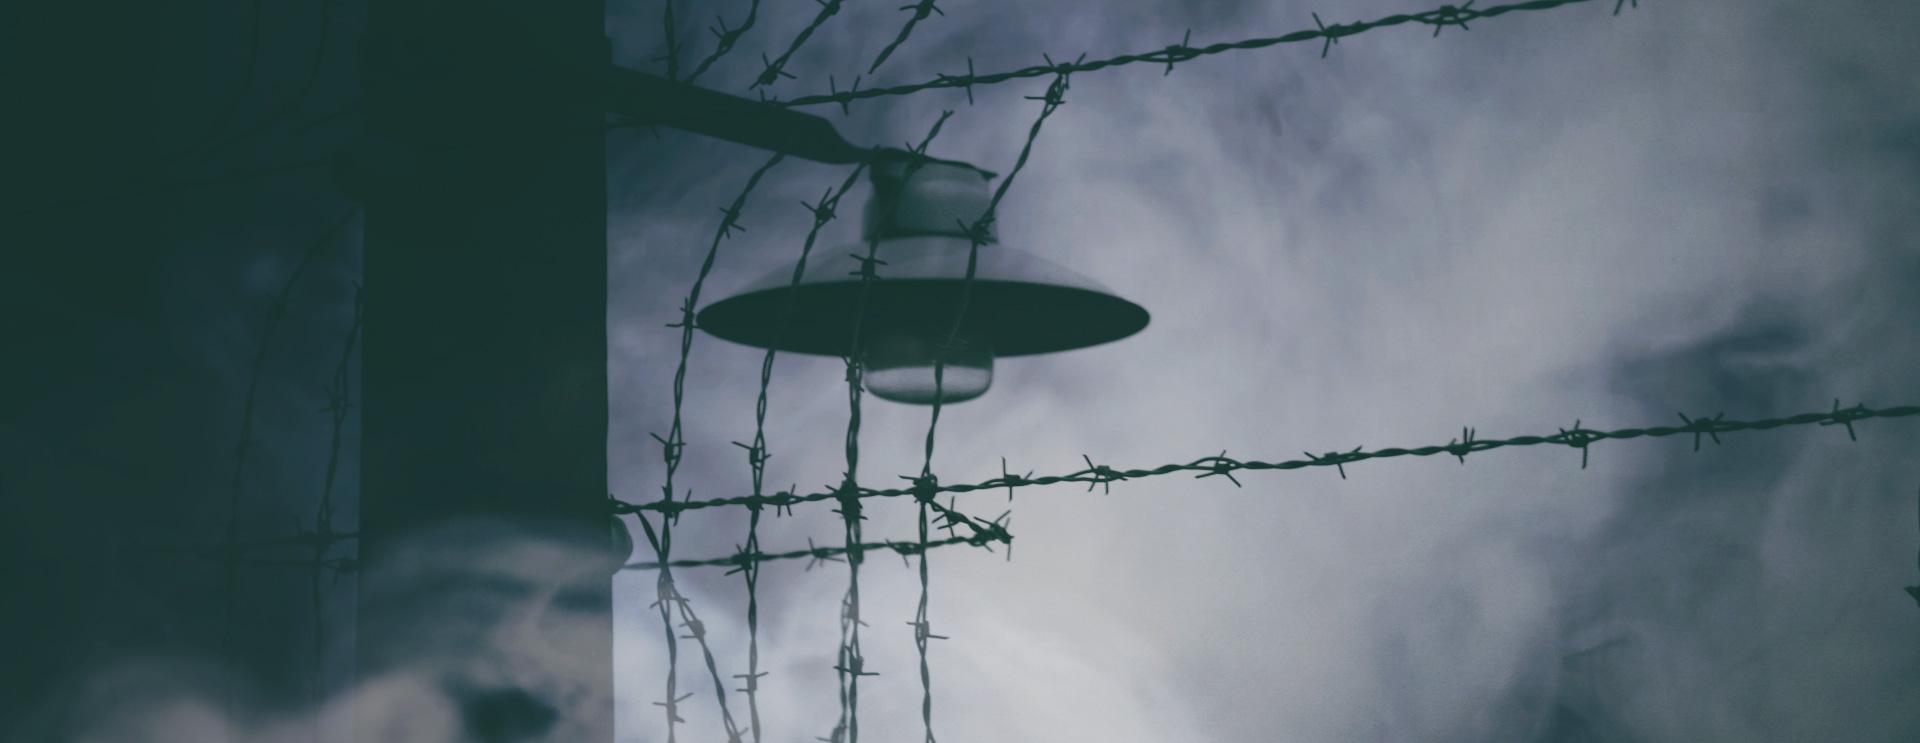 Por dentro dos campos de concentração para LGBTs na Chechênia